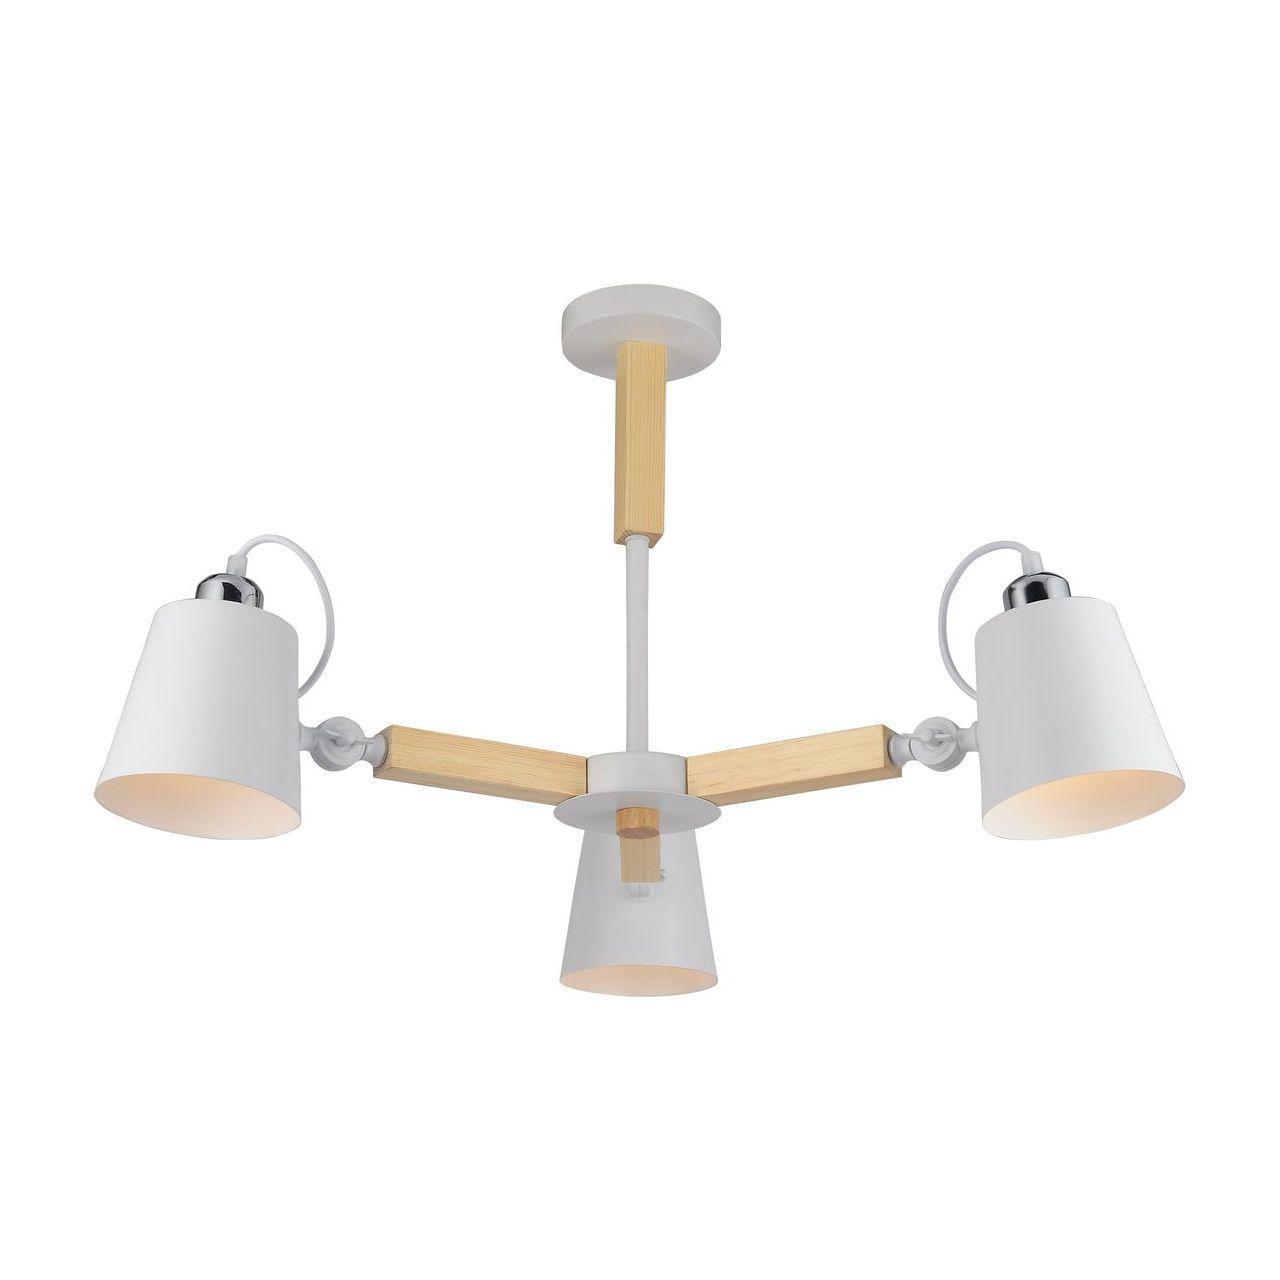 Люстра Arte Lamp A7141PL-3WH потолочная цены